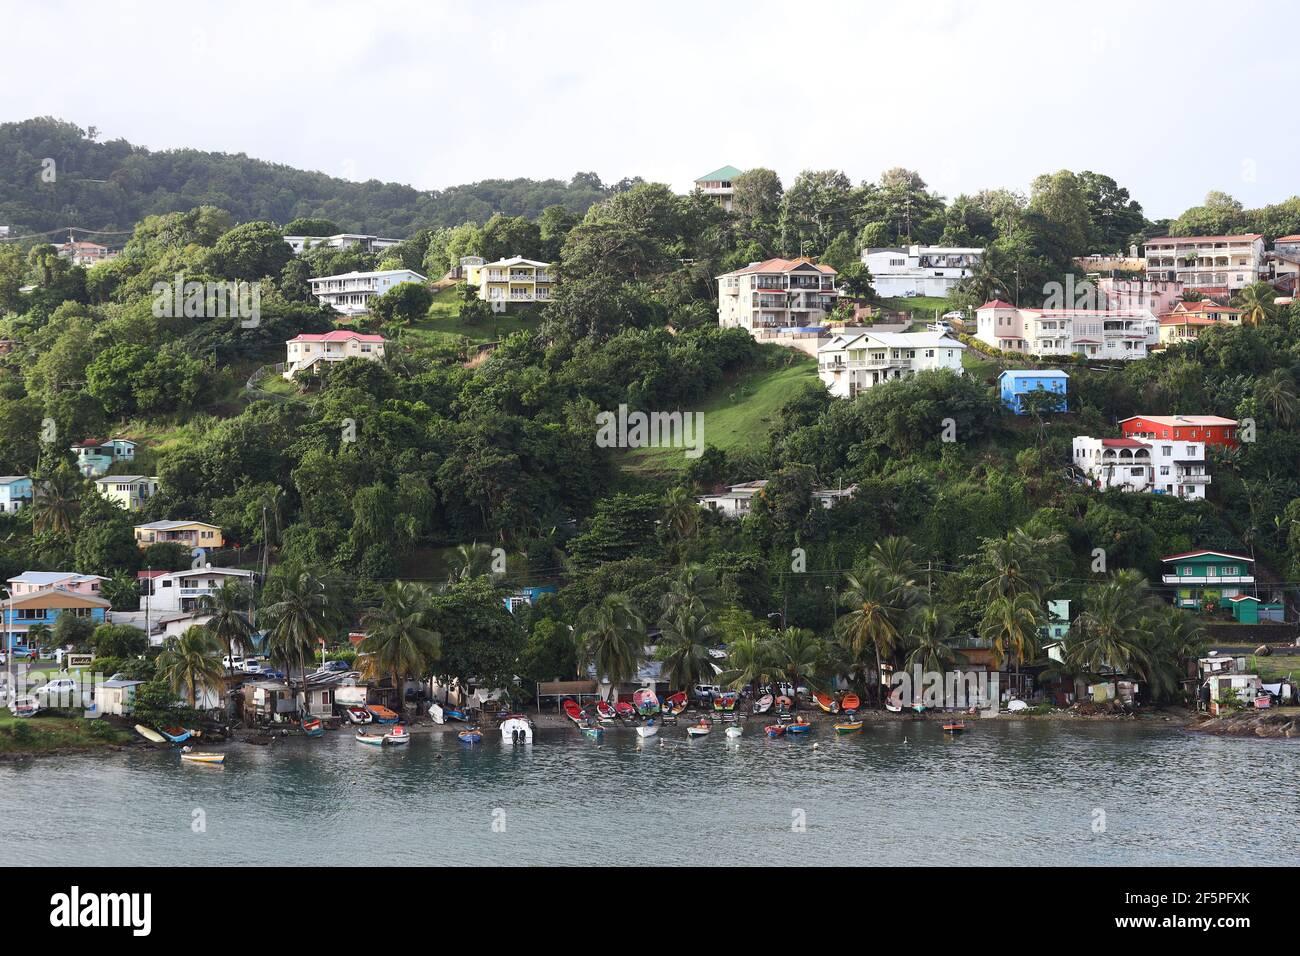 Hill Top y Mountainside Houses en la entrada al puerto de Castries en Santa Lucía. Foto de stock